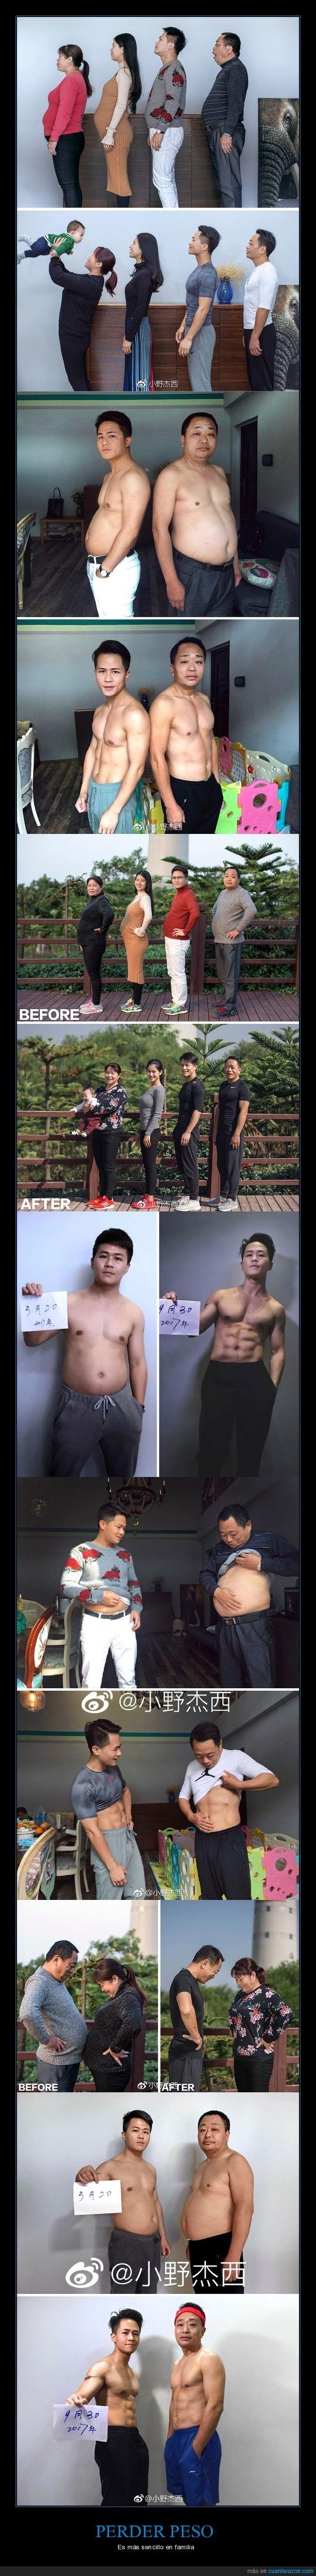 chinos,familia,perder peso